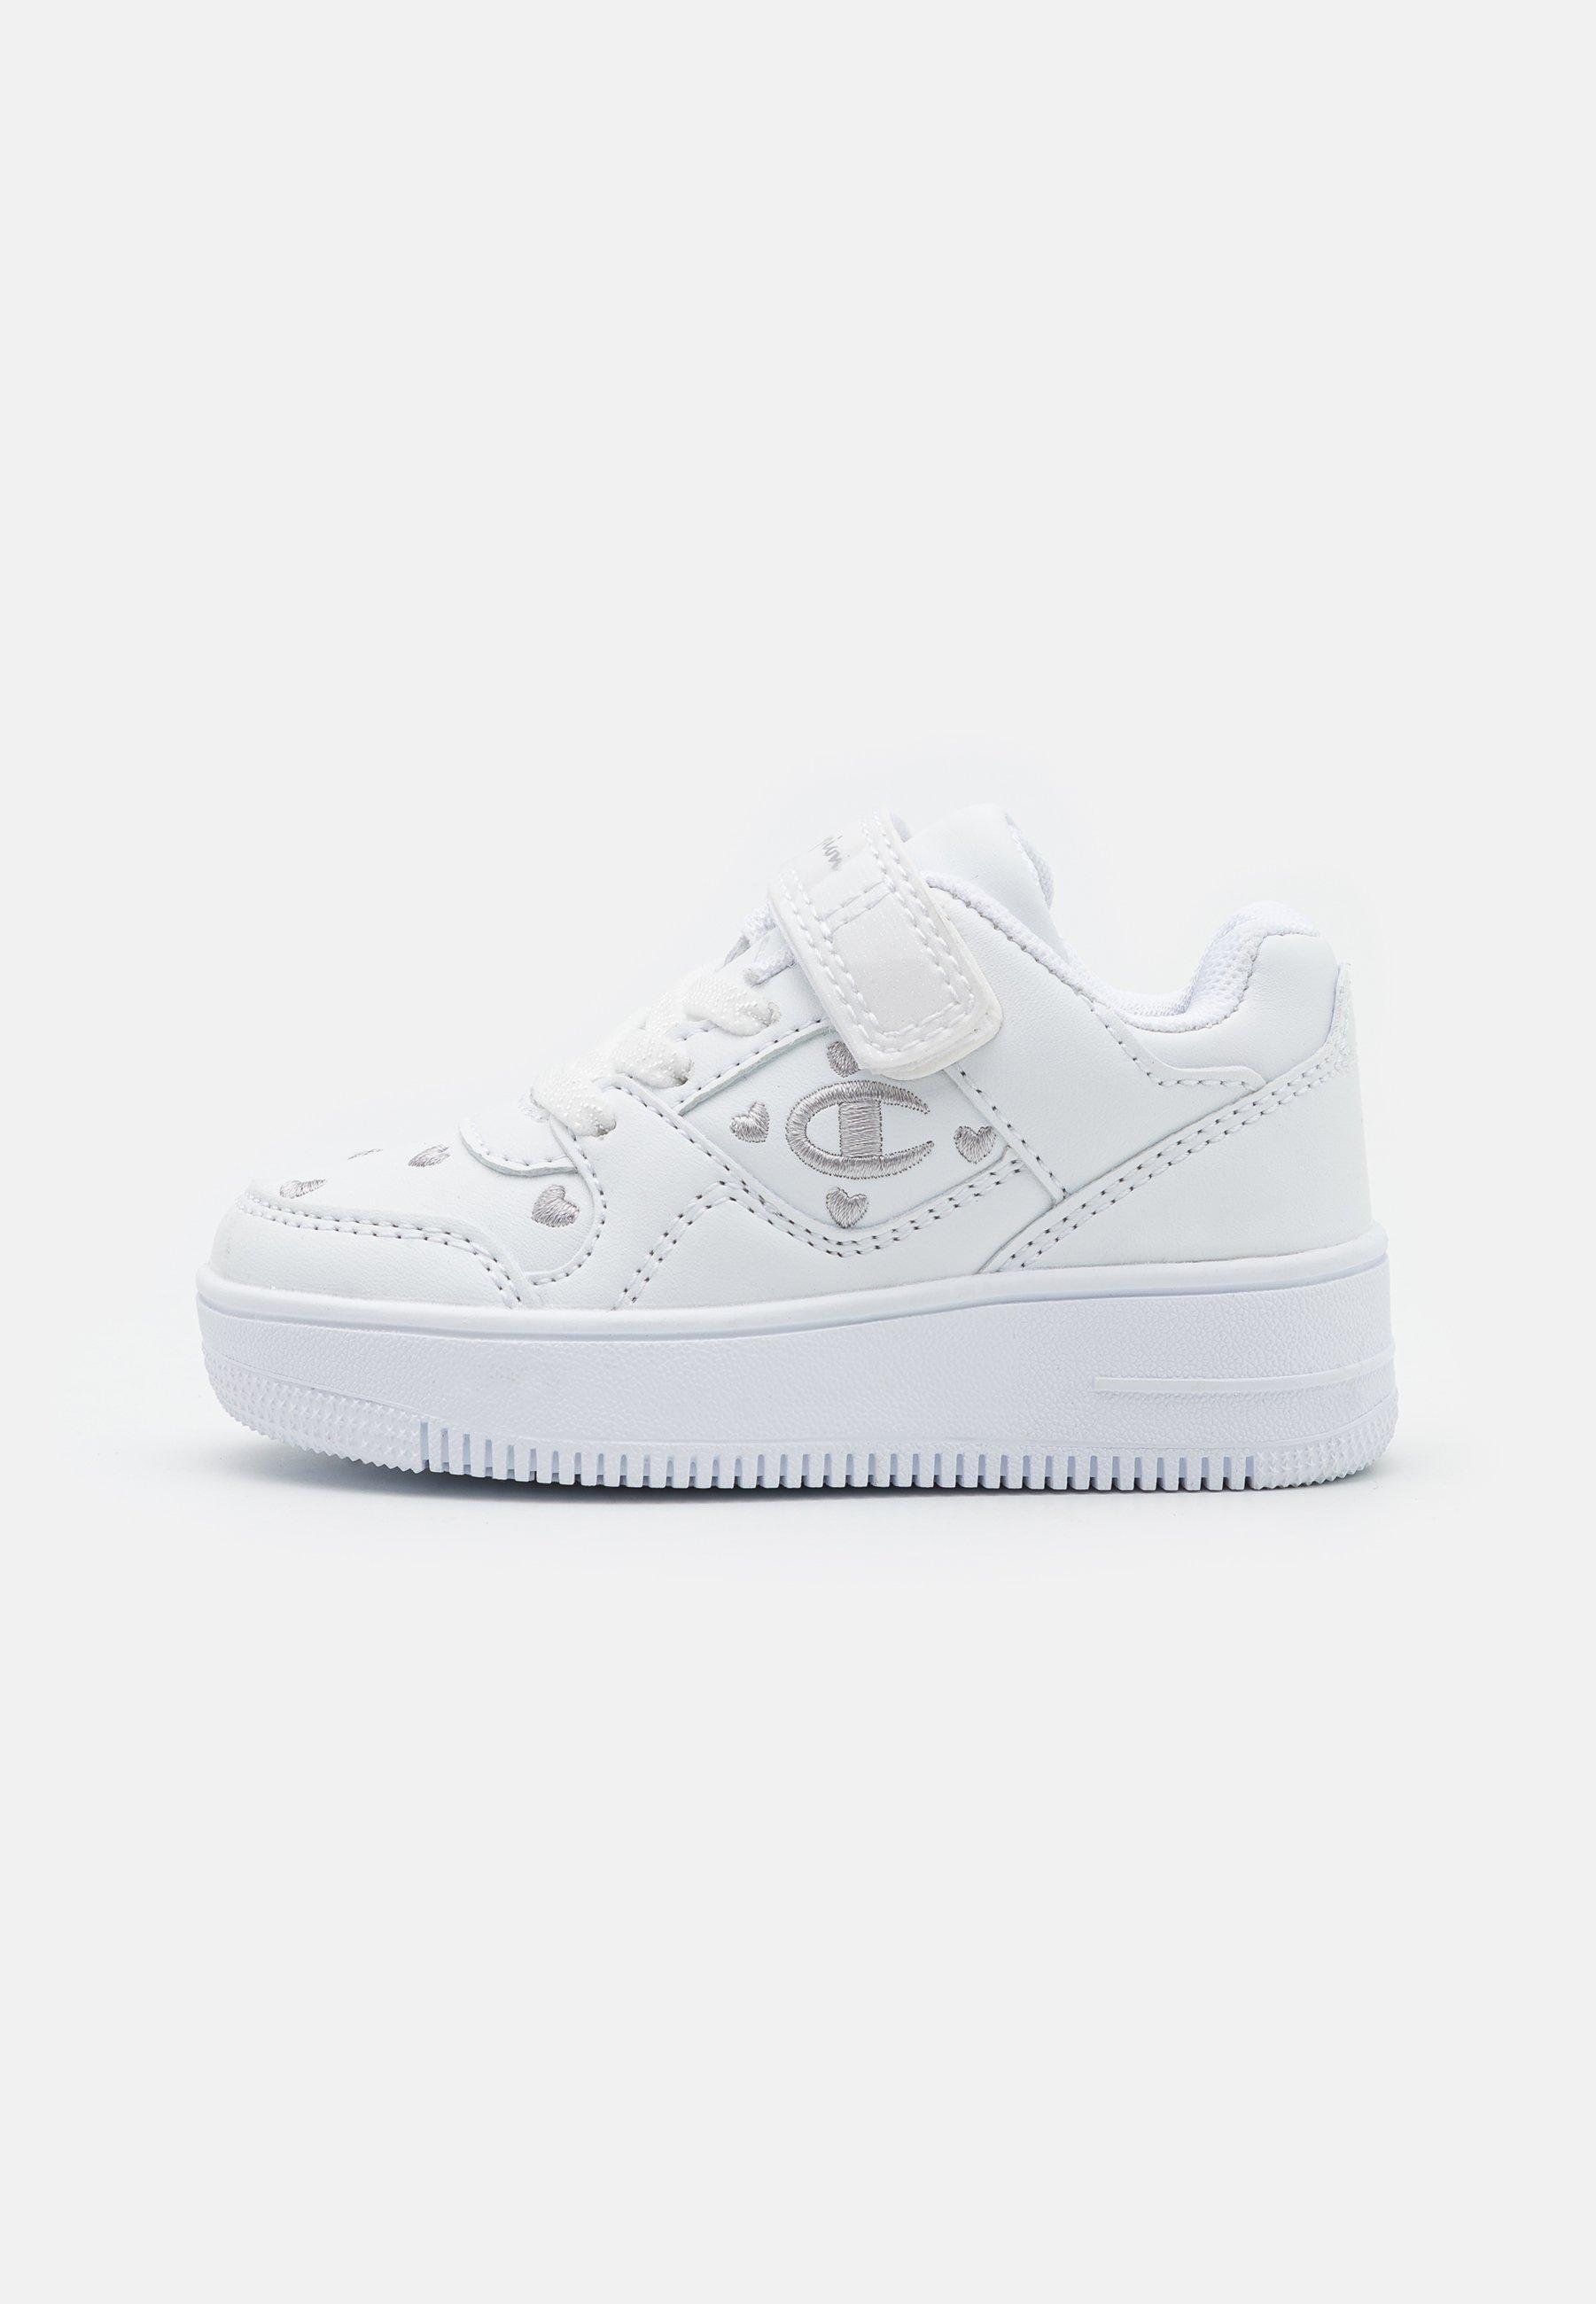 Enfant LOW CUT SHOE REBOUND UNISEX - Chaussures de basket